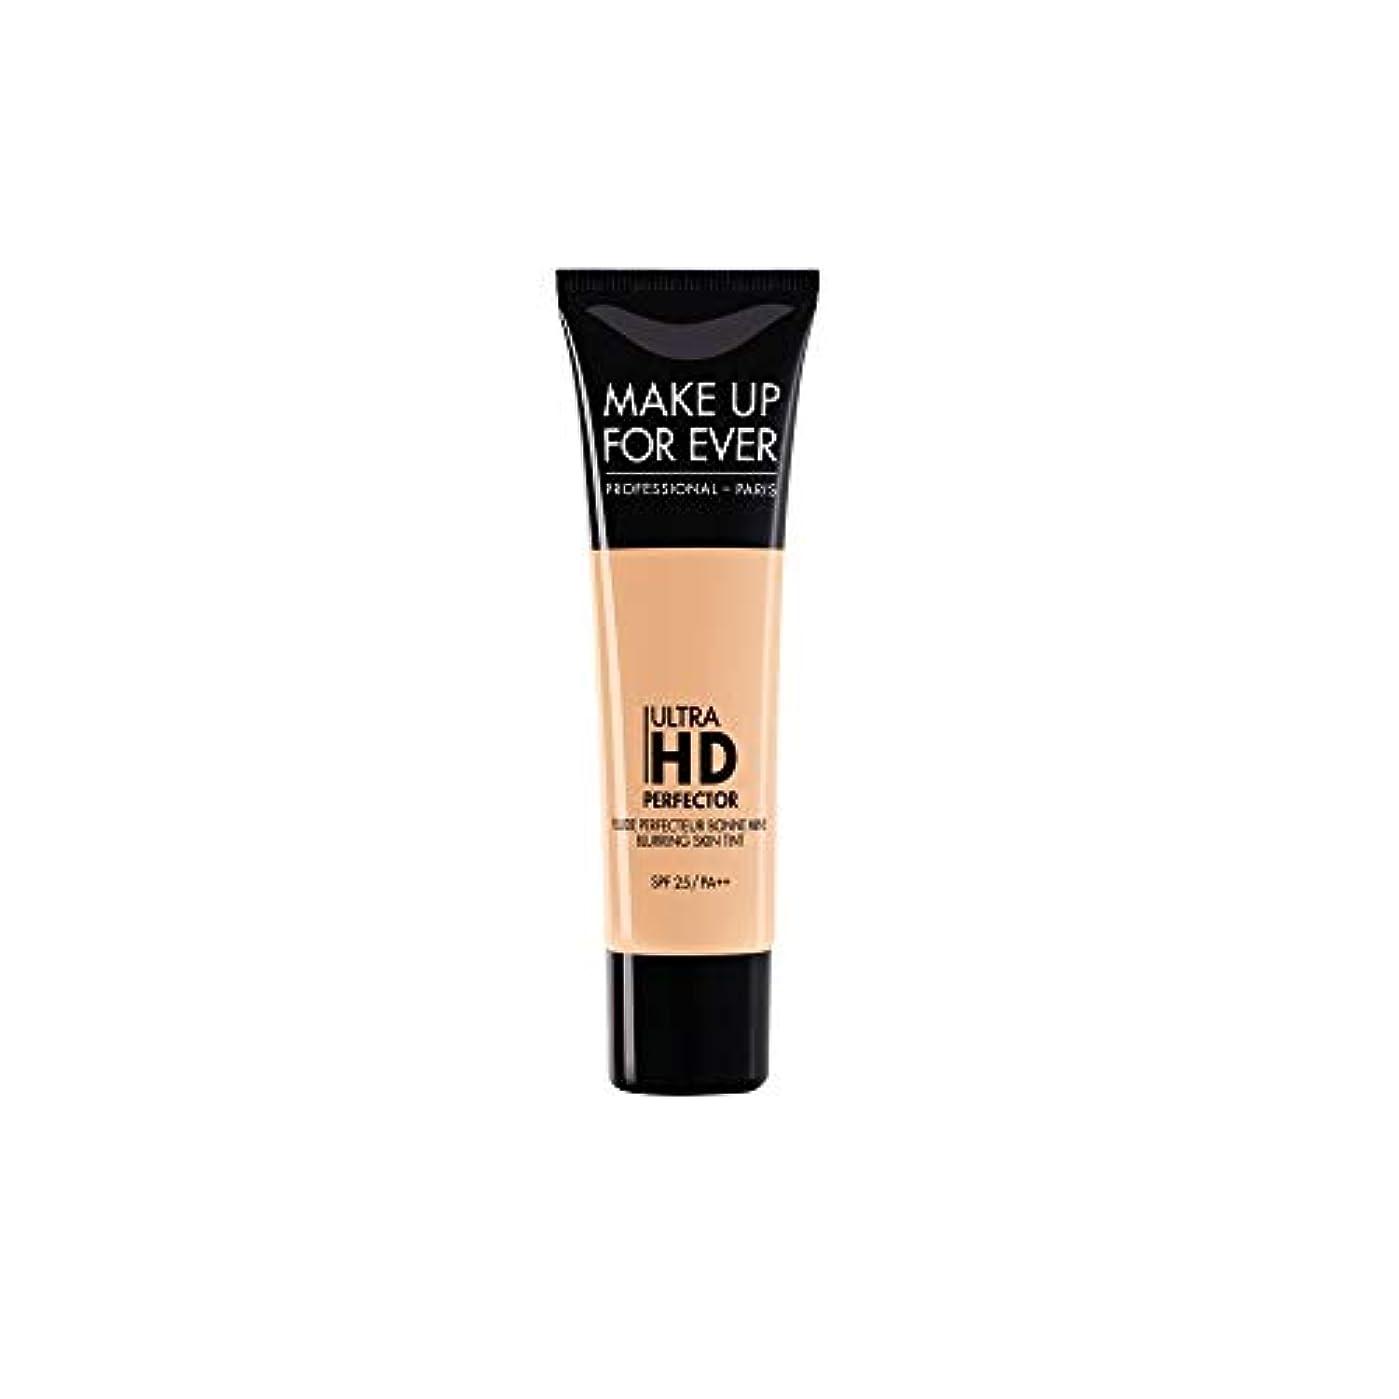 聴覚障害者キャンプ春メイクアップフォーエバー Ultra HD Perfector Blurring Skin Tint SPF25 - # 05 Sand 30ml/1.01oz並行輸入品